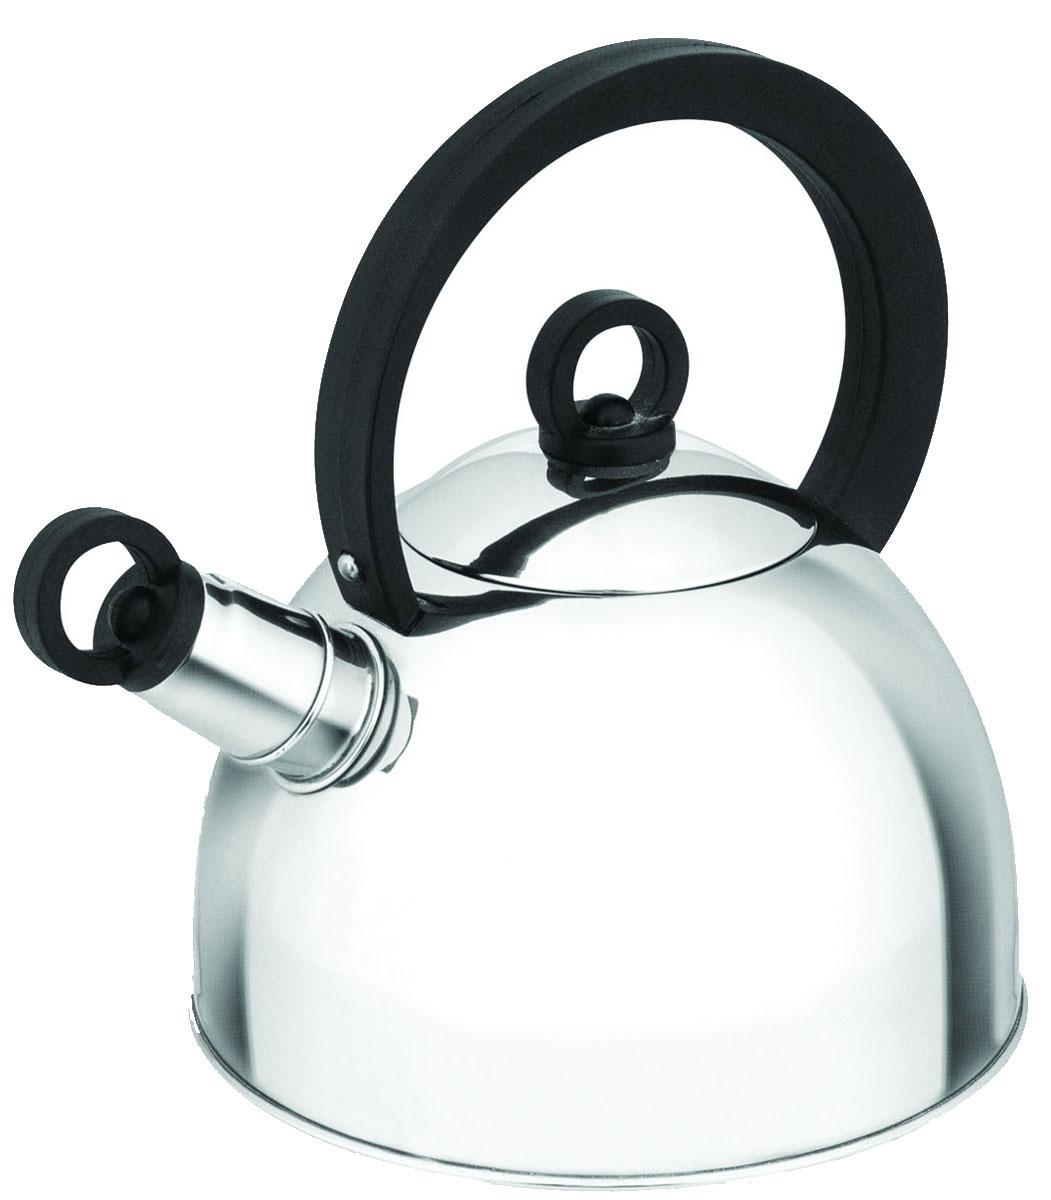 """Чайник """"Irit"""" изготовлен из высококачественной нержавеющей стали, имеет однослойное дно. Нержавеющая сталь обладает высокой устойчивостью к коррозии, не вступает в реакцию с холодными и горячими продуктами и полностью сохраняет их вкусовые качества. Чайник оснащен удобной ручкой из термостойкого пластика, которая не нагревается. Носик чайника имеет откидной свисток, звуковой сигнал которого подскажет, когда закипит вода."""